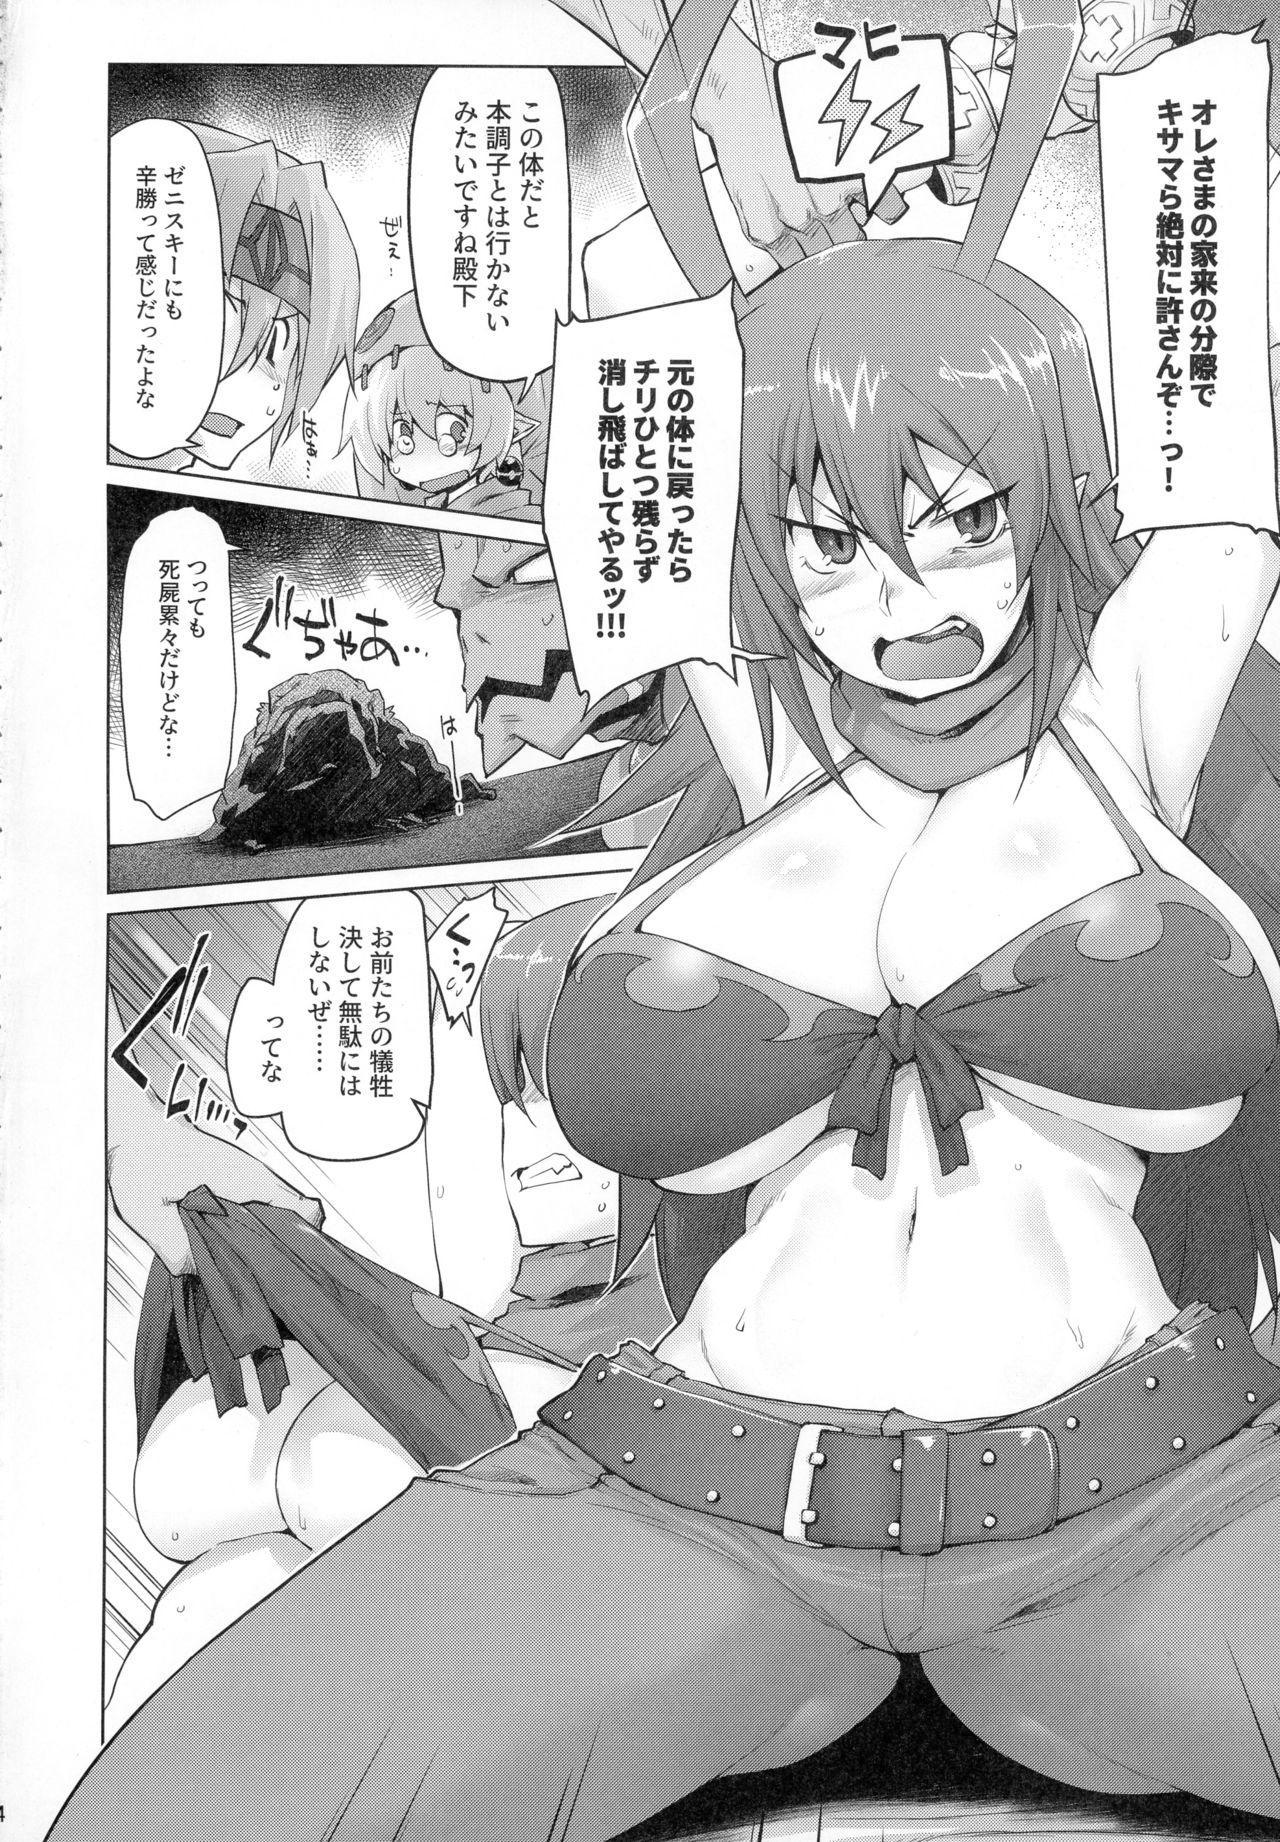 Denka o Mama ni Shite Yaritai! ga Kaketsu Saremashita! 2